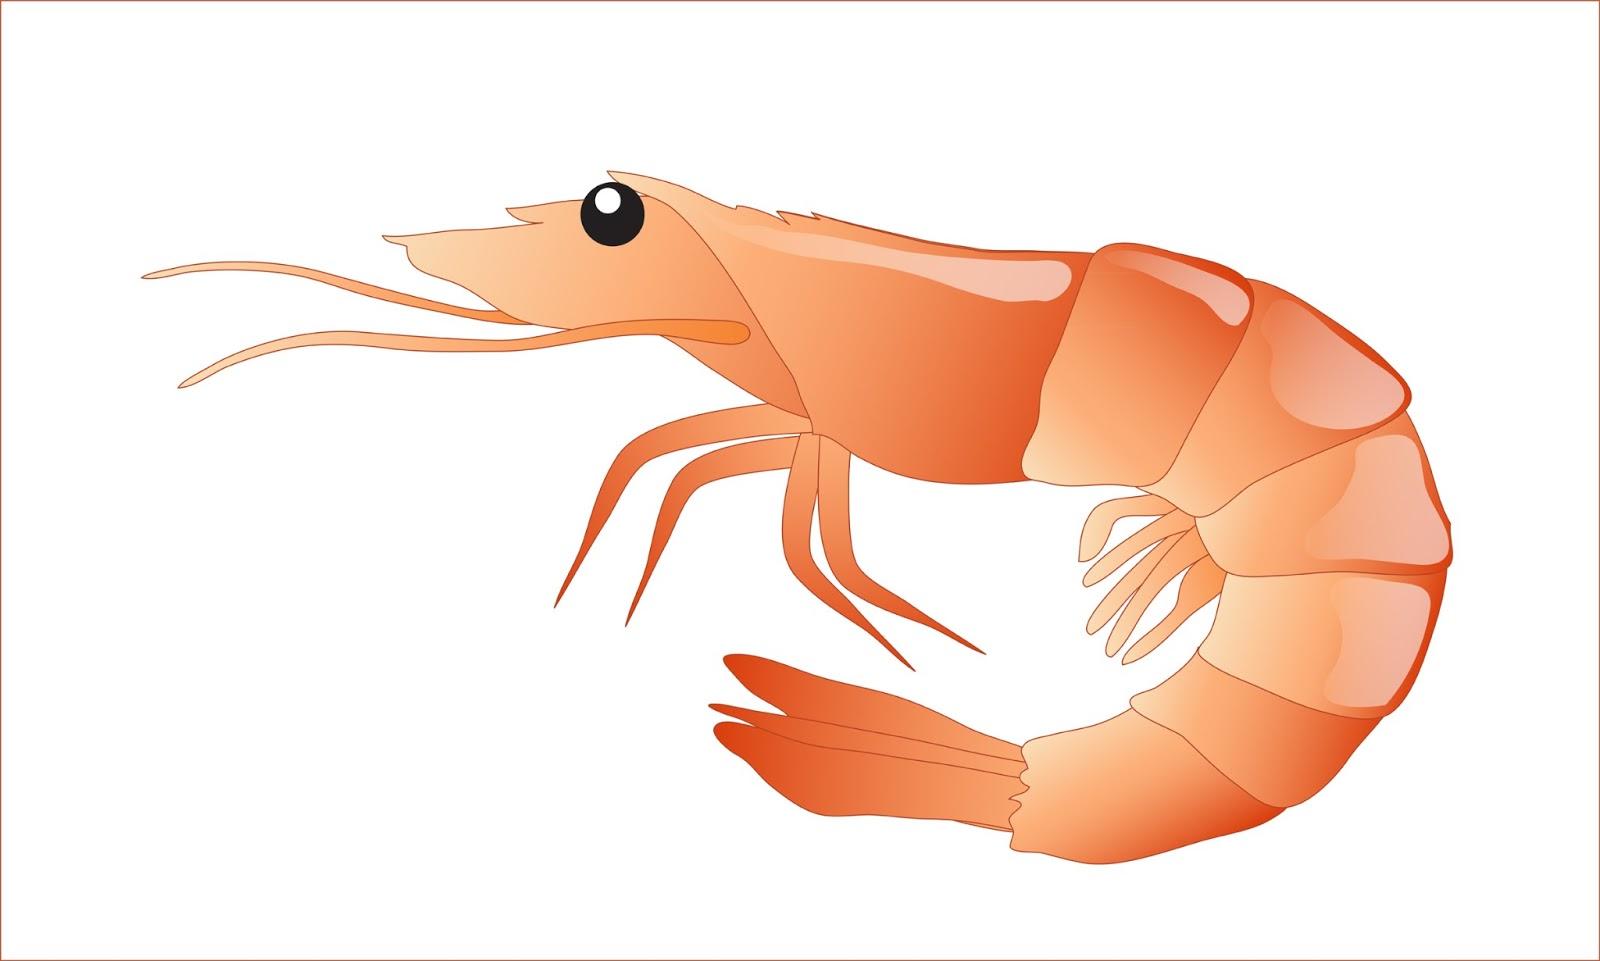 Free shrimp clipart 1 page of public domain clip art image